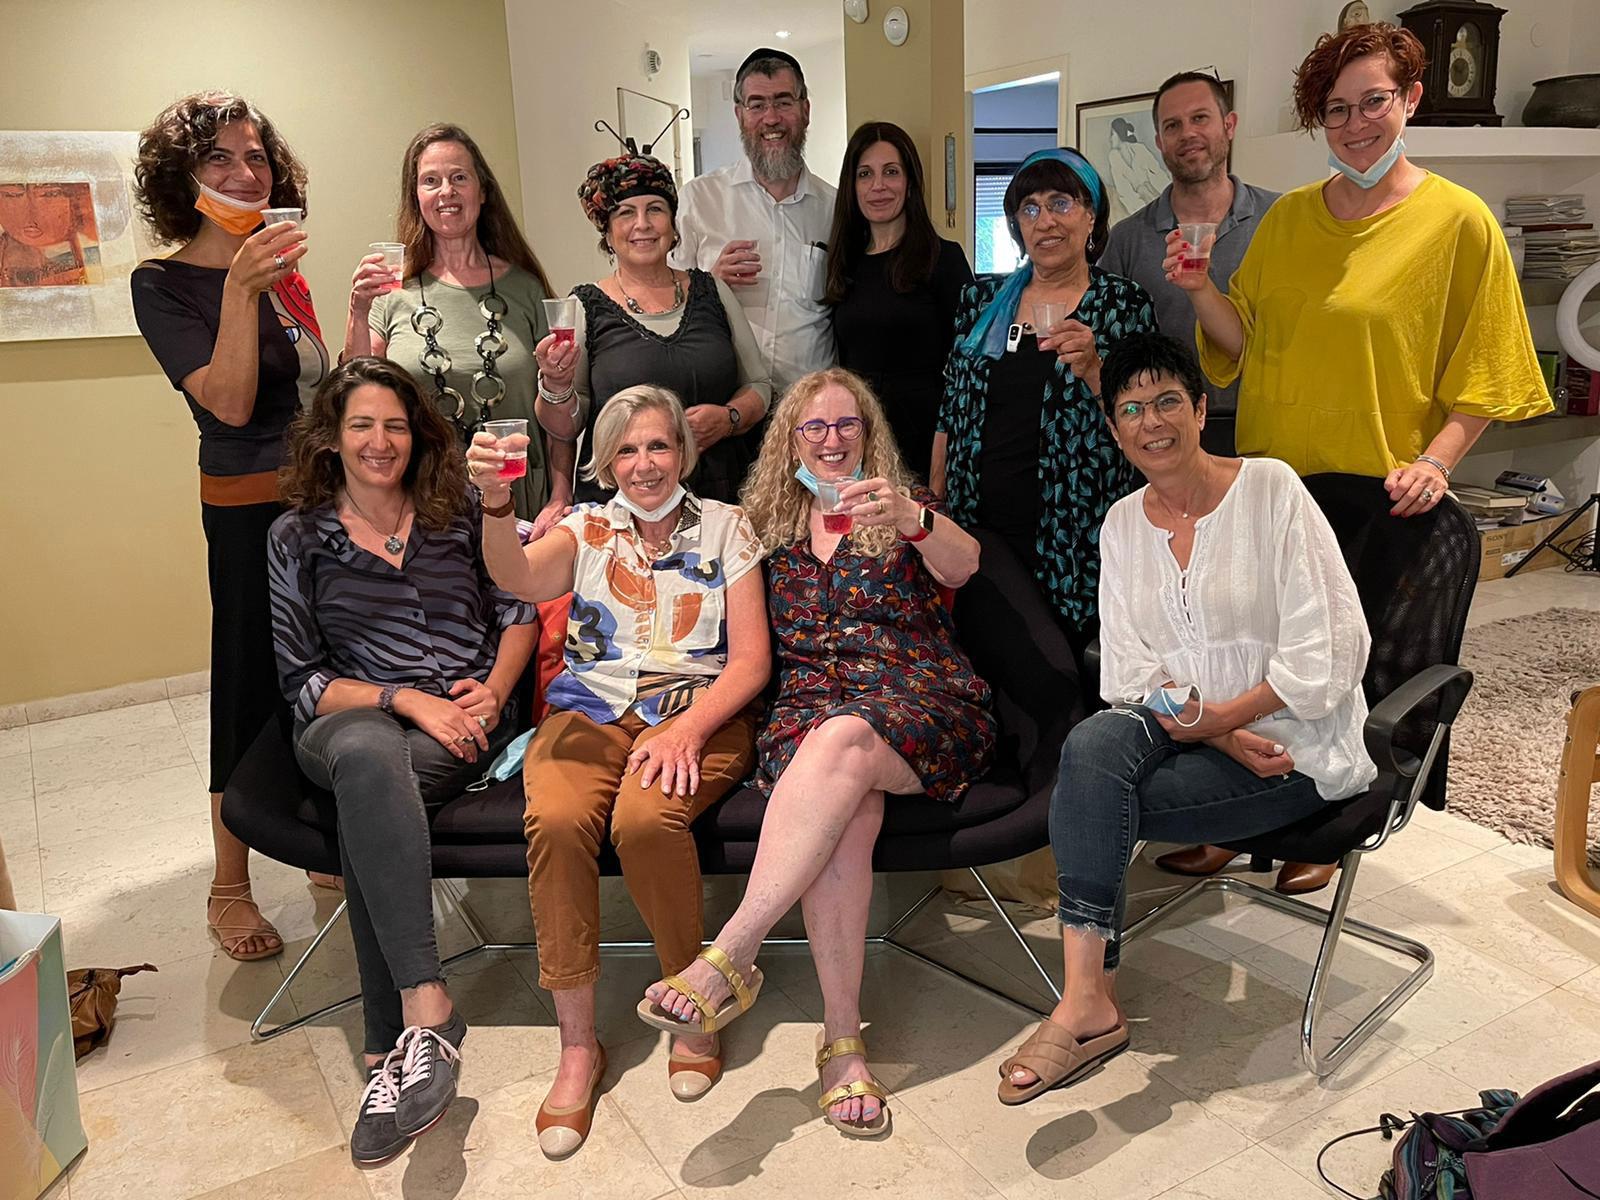 סיום קורס צמיחה אישיותית מתקדם למטפלי ומטפלות אימגו ישראל